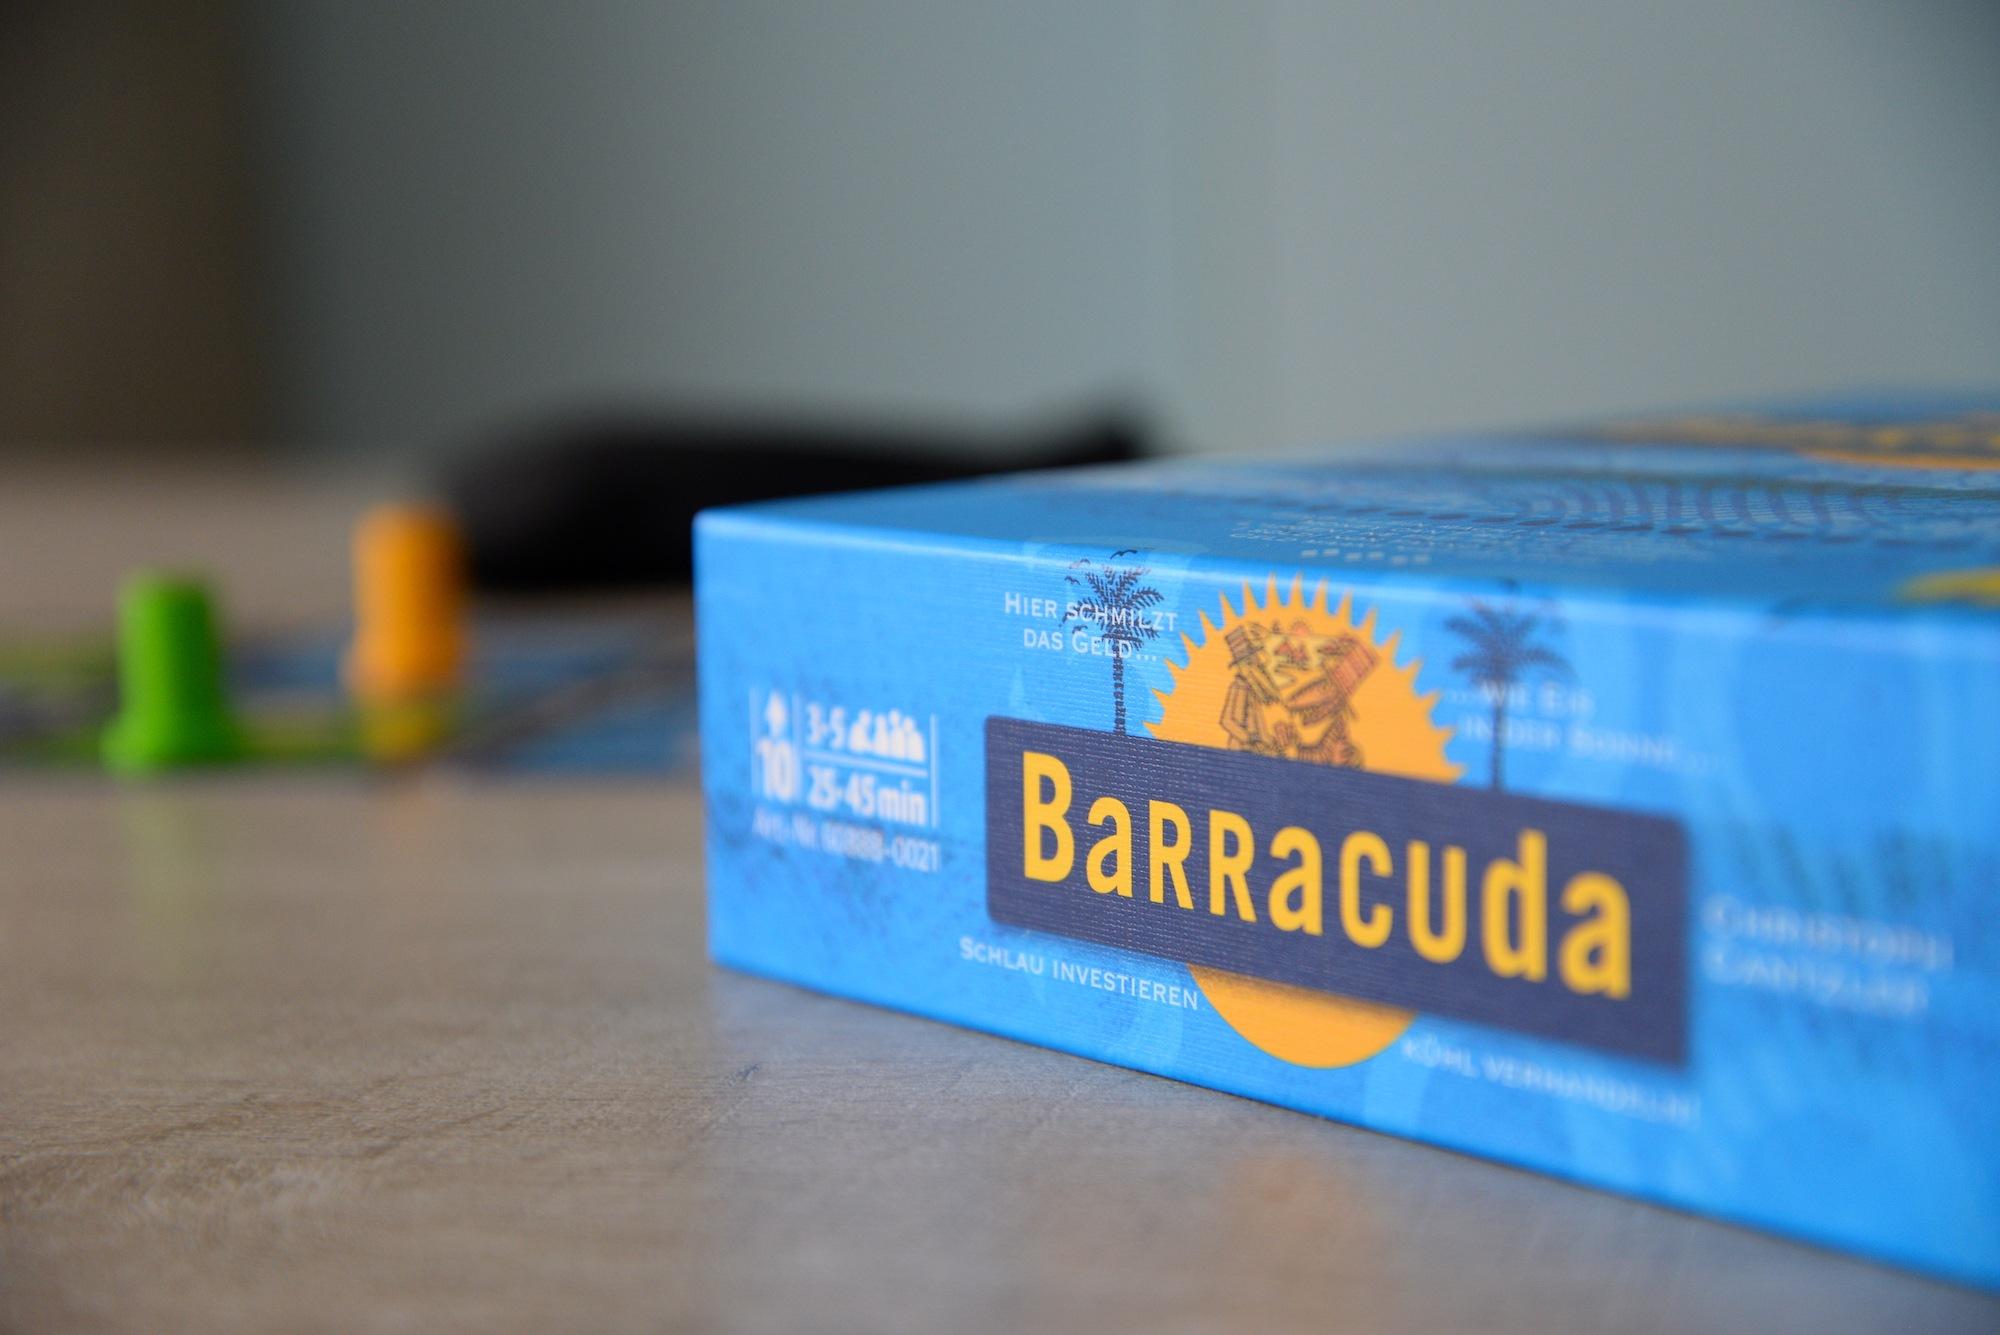 barracuda-jeu-test-avis-9